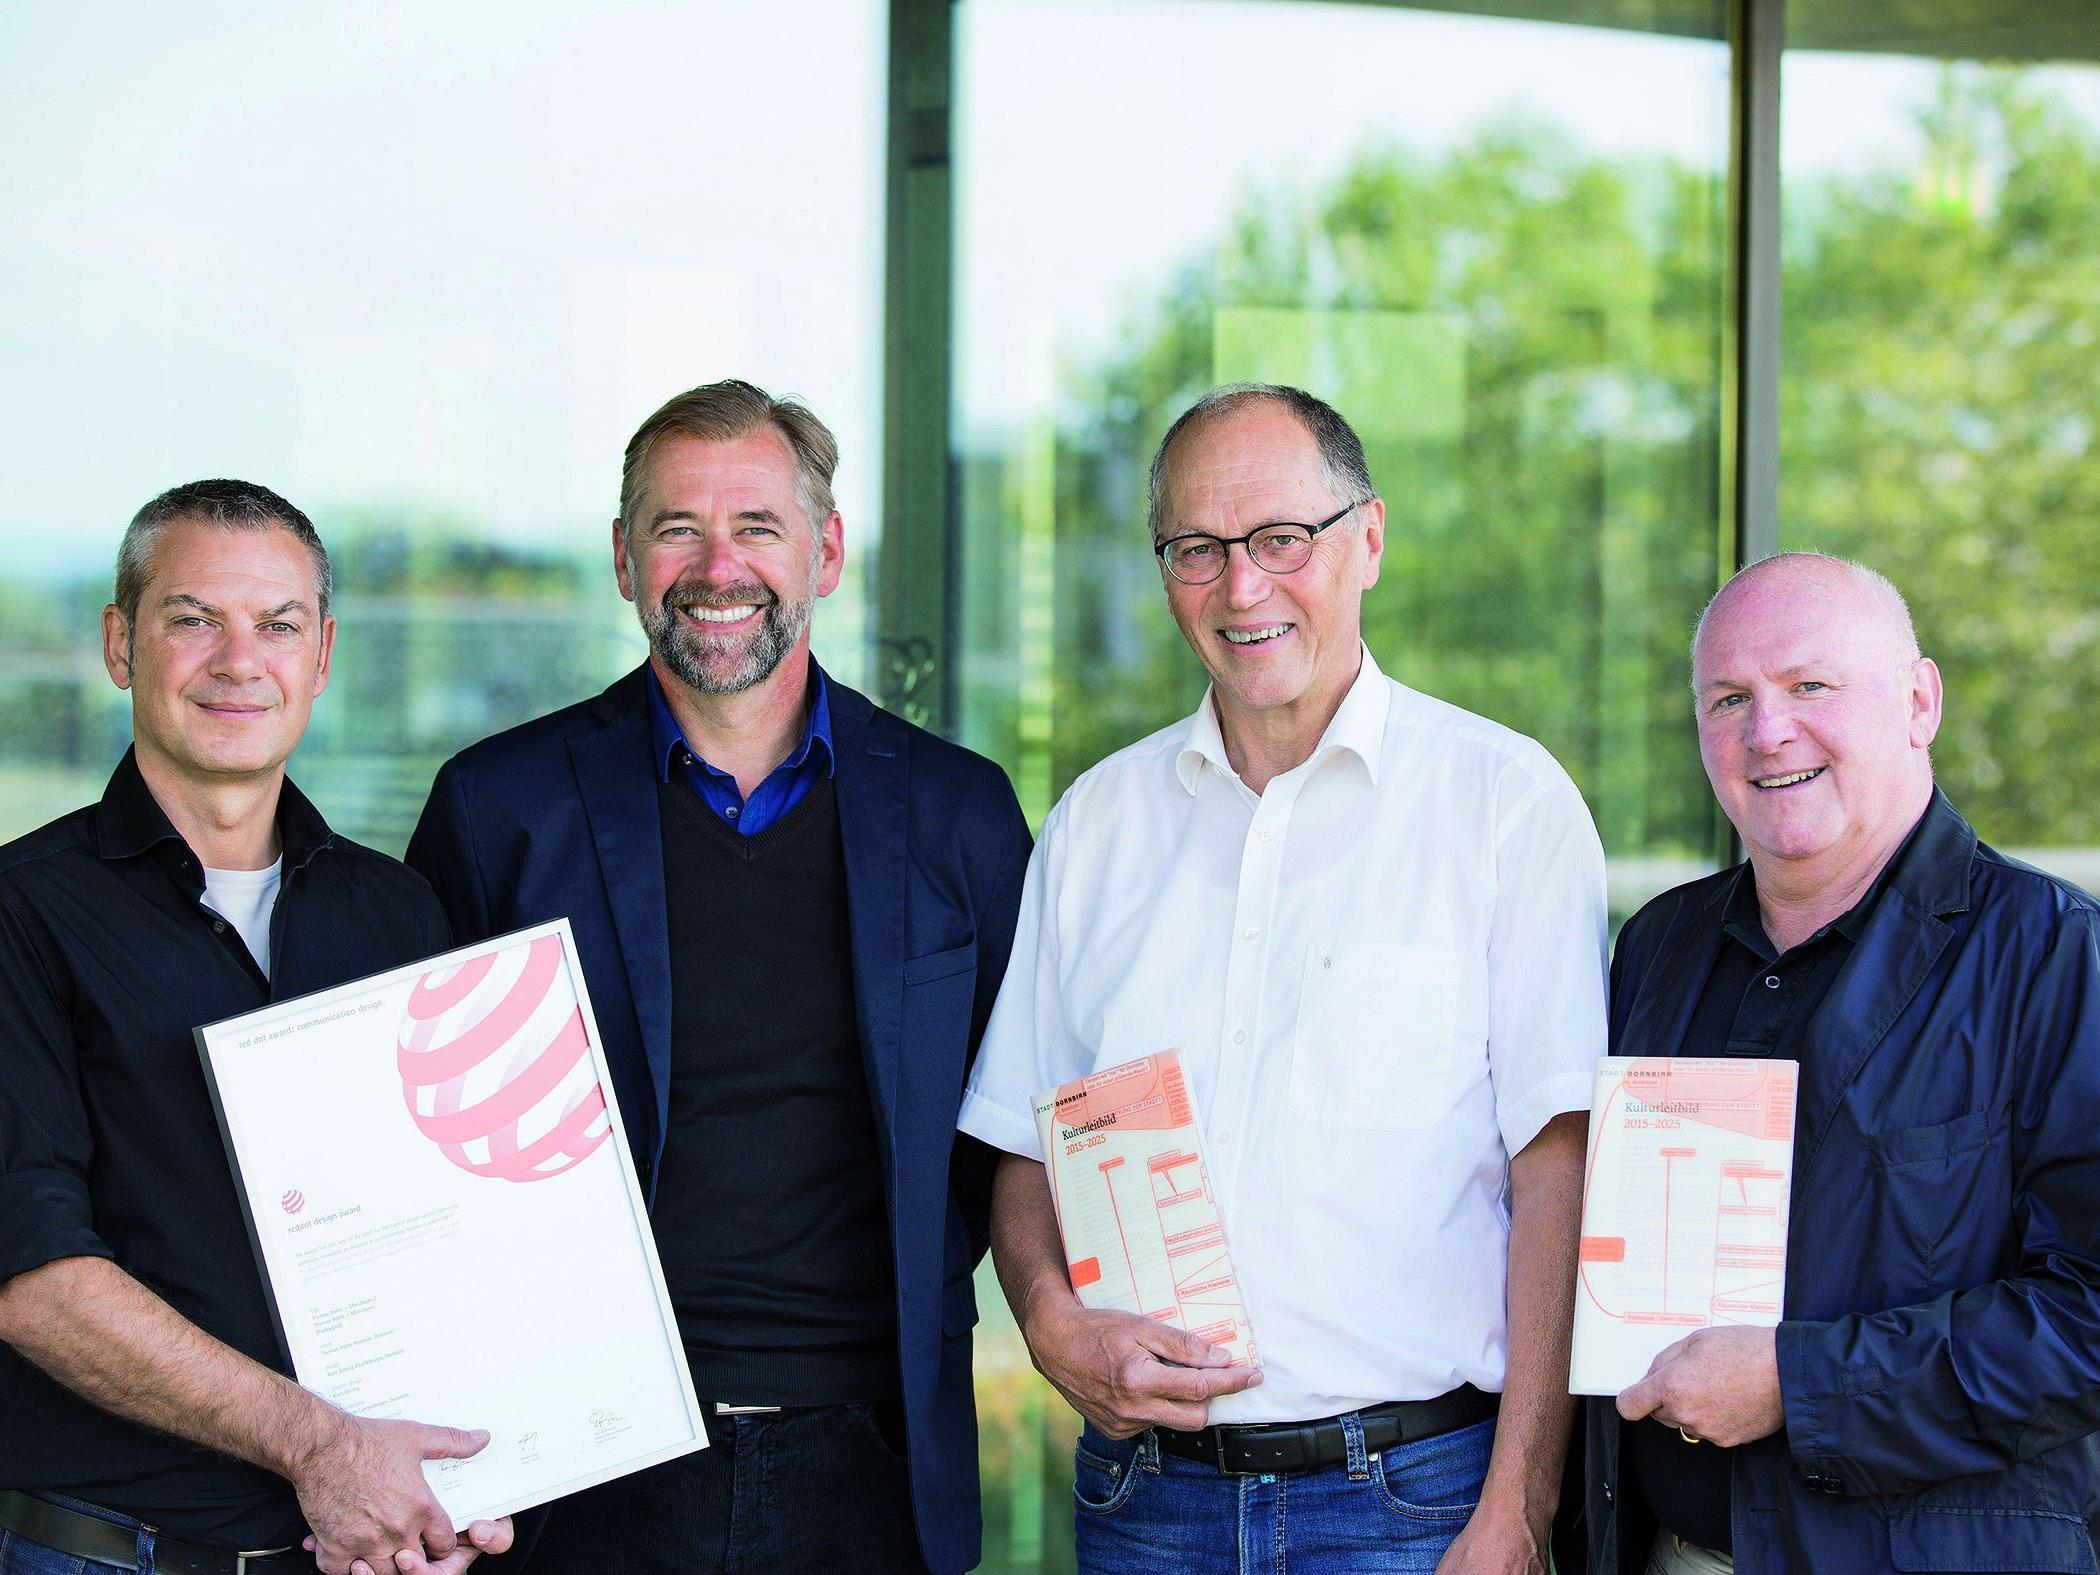 Kurt Dornig (Dornig Grafikdesign), Martin Köck (Druckerei Thurnher), Martin Ruepp (Vizebürgermeister Dornbirn) und Roland Jörg (Kulturamtsleiter Dornbirn) freuen sich über die Auszeichnungen.